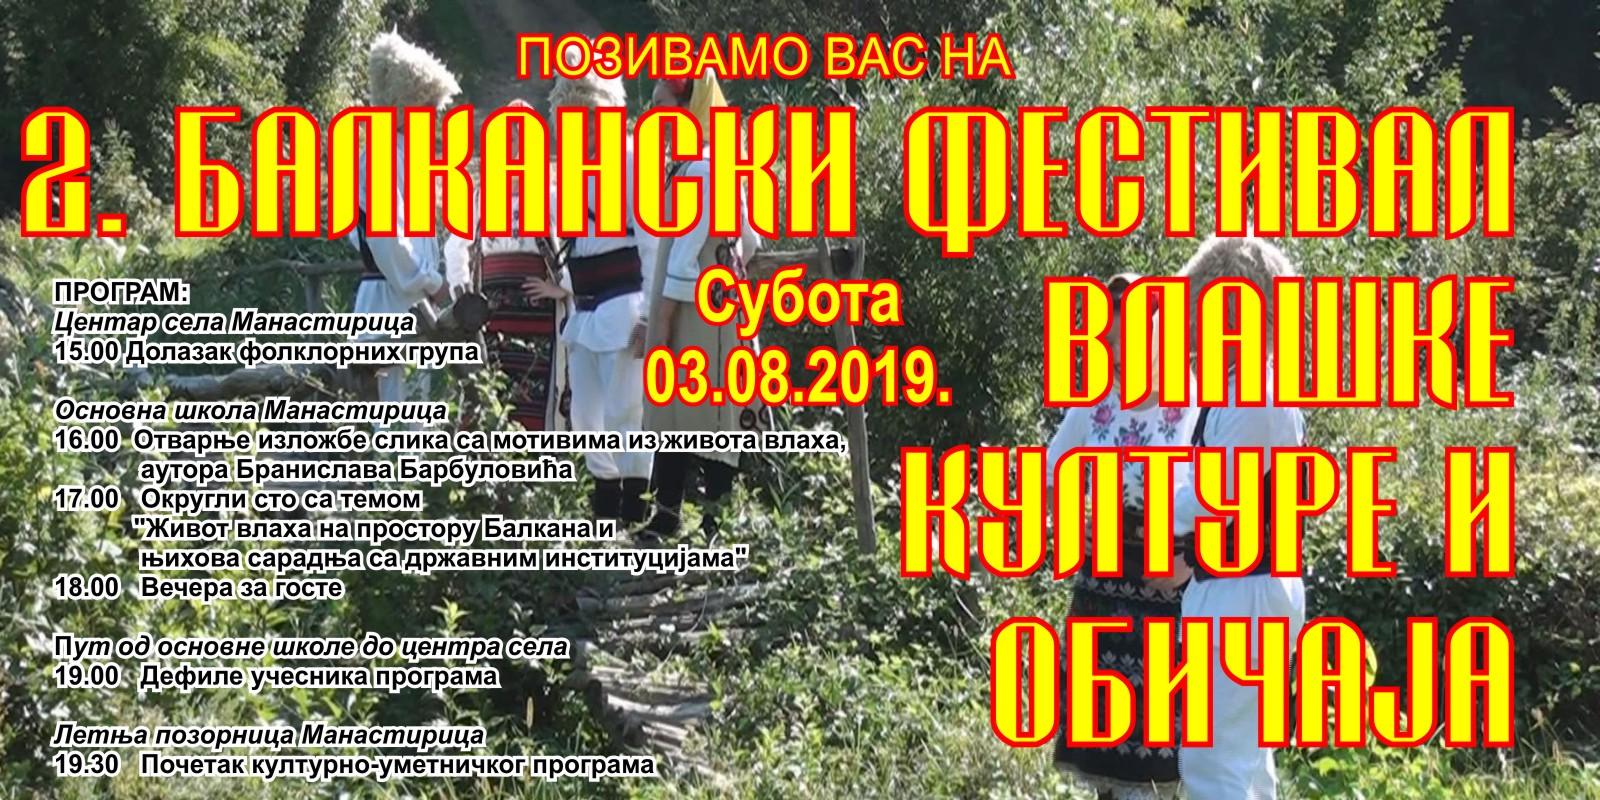 Read more about the article 2 Балкански фестивал влашке културе и обичаја